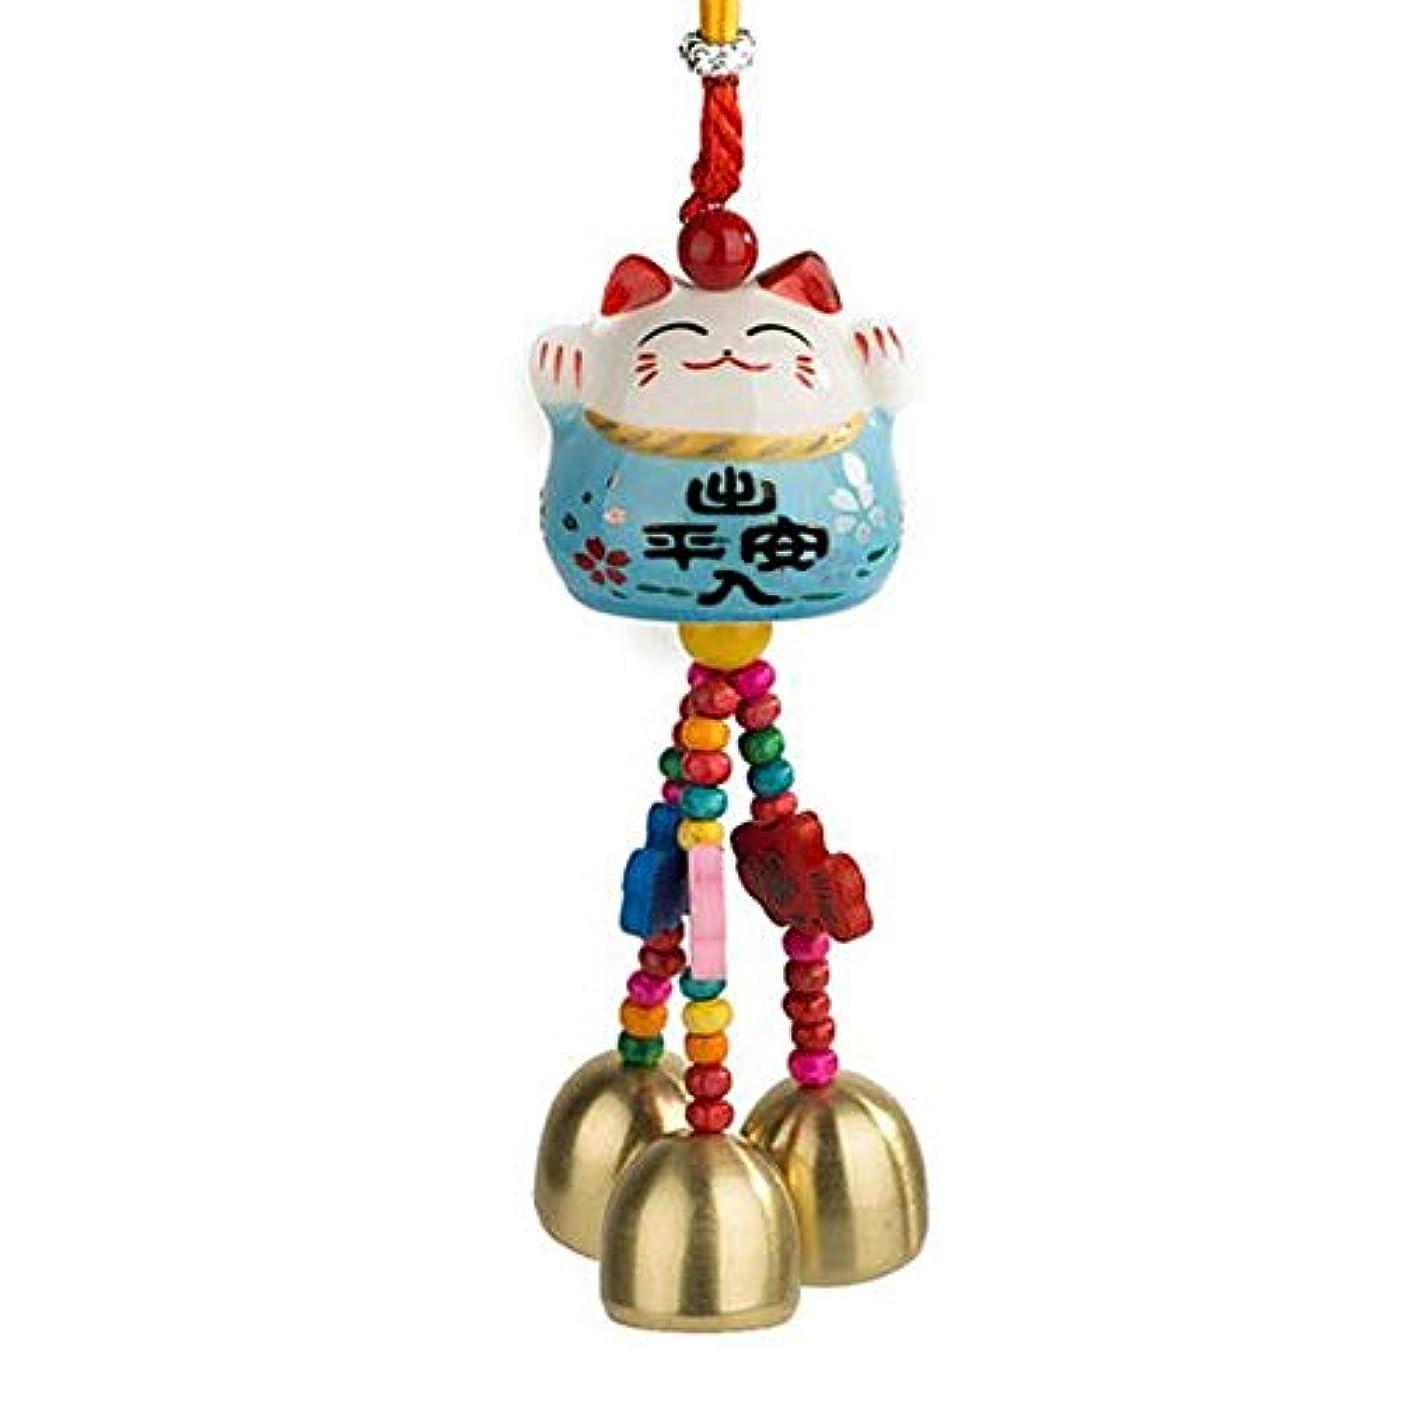 居眠りするオプショナル普遍的なHongyushanghang 風チャイム、かわいいクリエイティブセラミック猫風の鐘、ブルー、ロング28センチメートル,、ジュエリークリエイティブホリデーギフトを掛ける (Color : Blue)